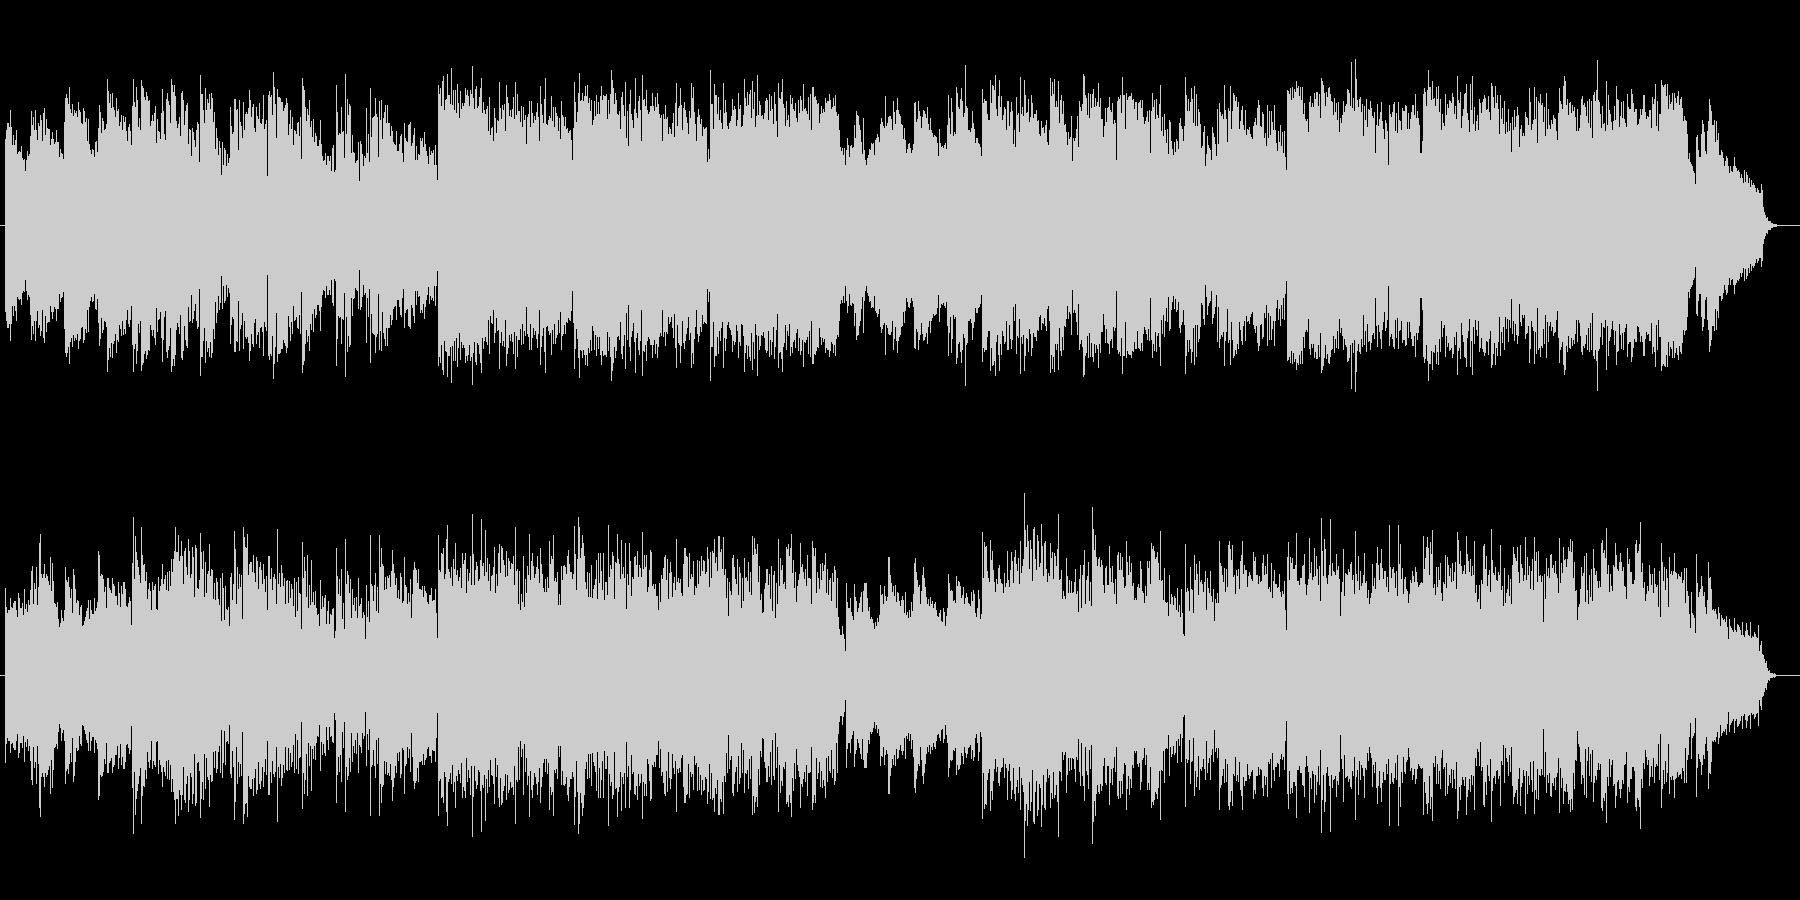 ノスタルジックなシンセ・ギターサウンドの未再生の波形